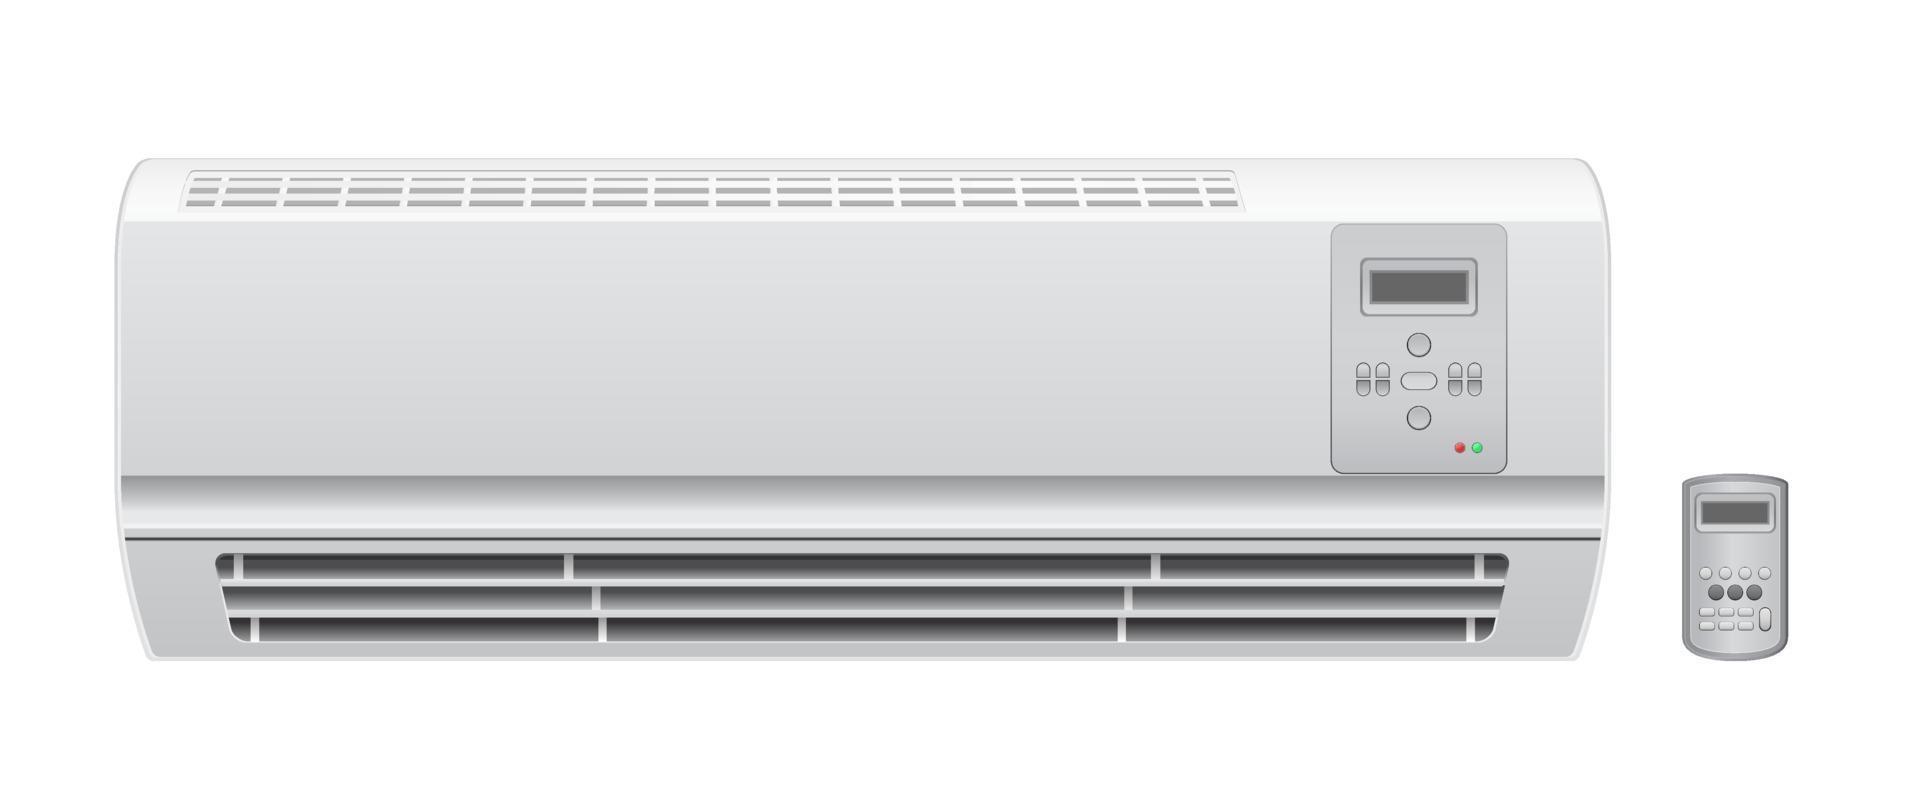 airconditioner met afstandsbediening vector